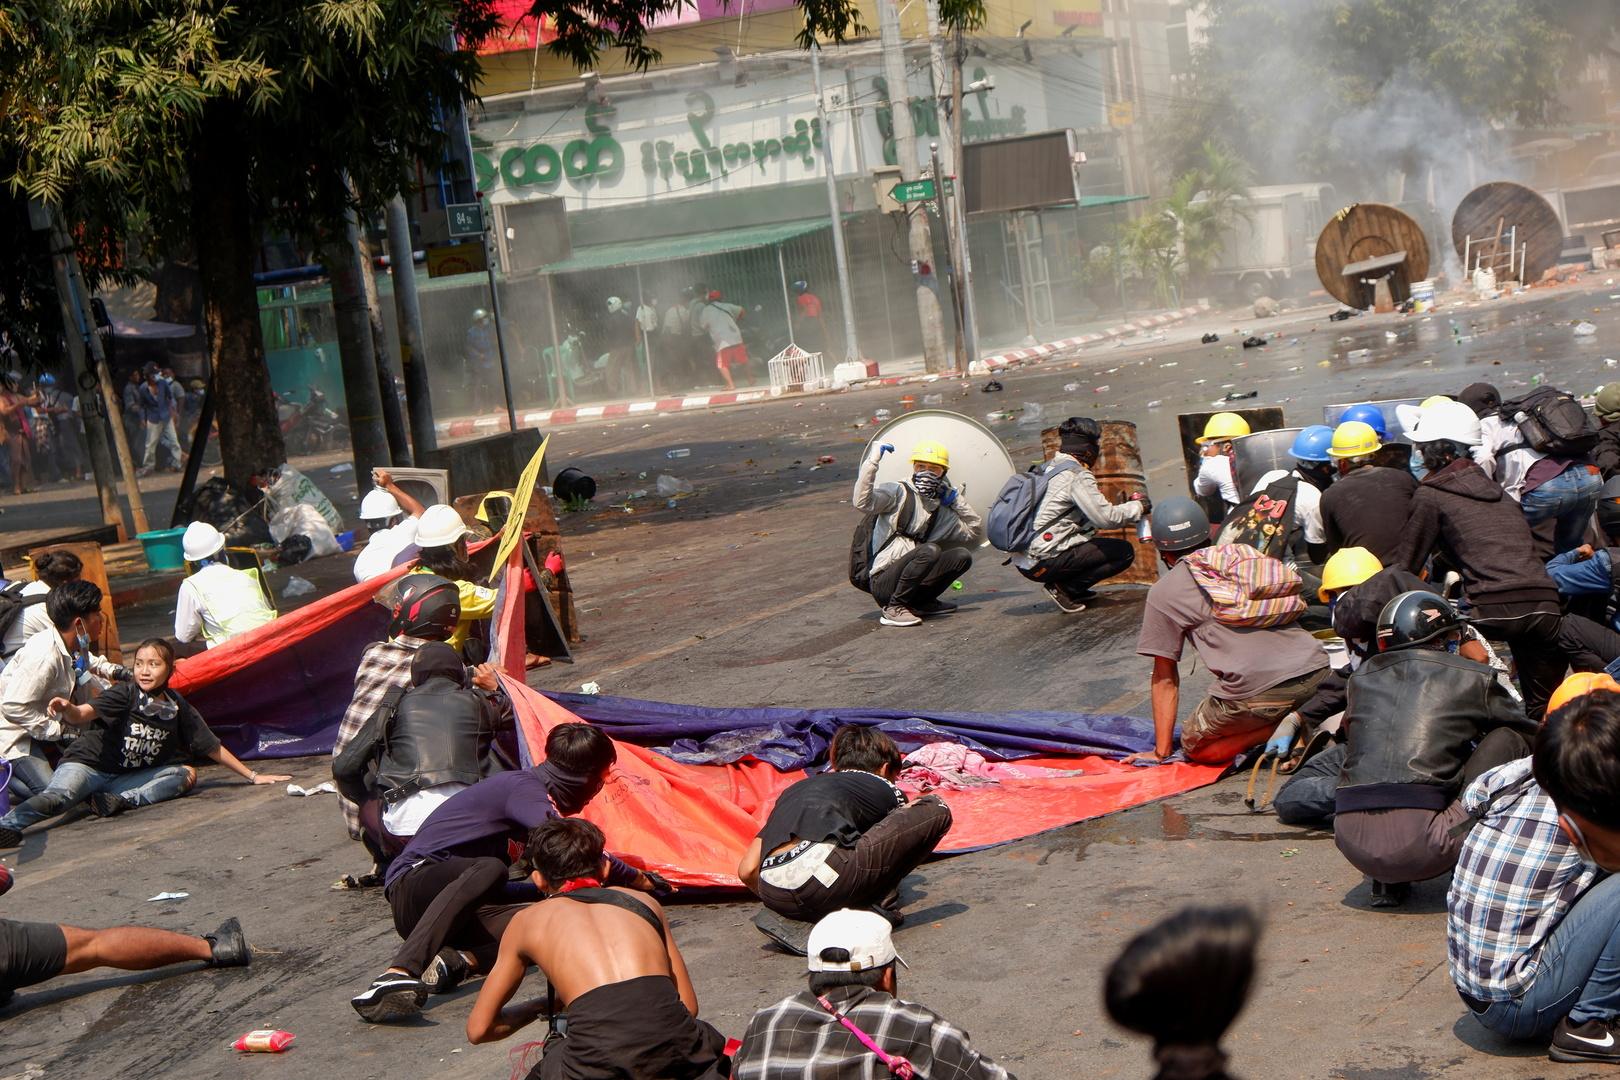 الأمم المتحدة: 54 قتيلا على الأقل منذ بدء المظاهرات ضد الانقلاب في ميانمار